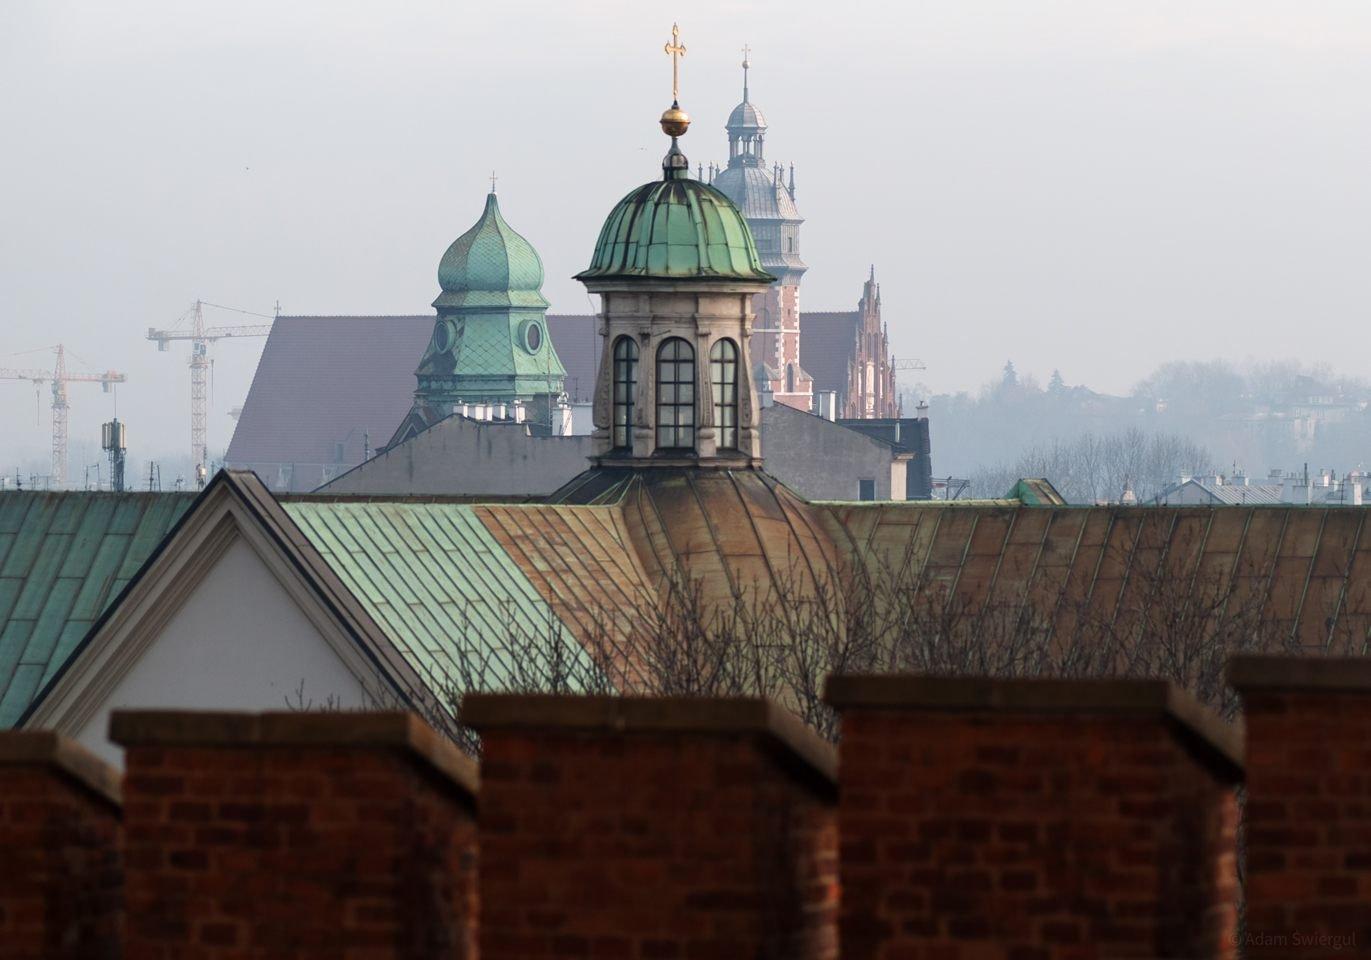 Wieże kościołów